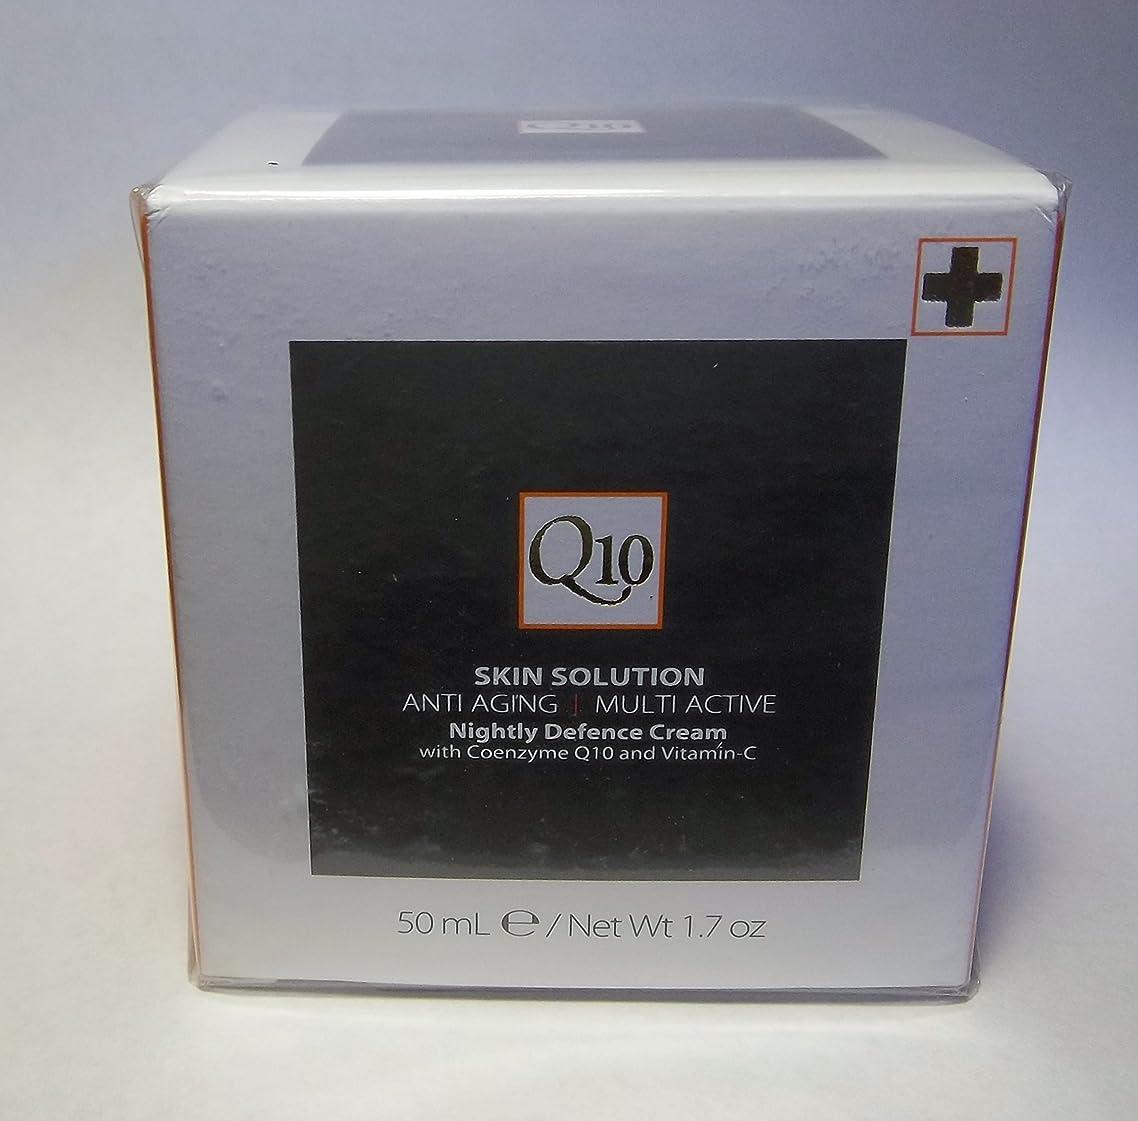 Q10 Skin Solution Anti-Aging Nightly Defense Cream, 1.7 Oz.